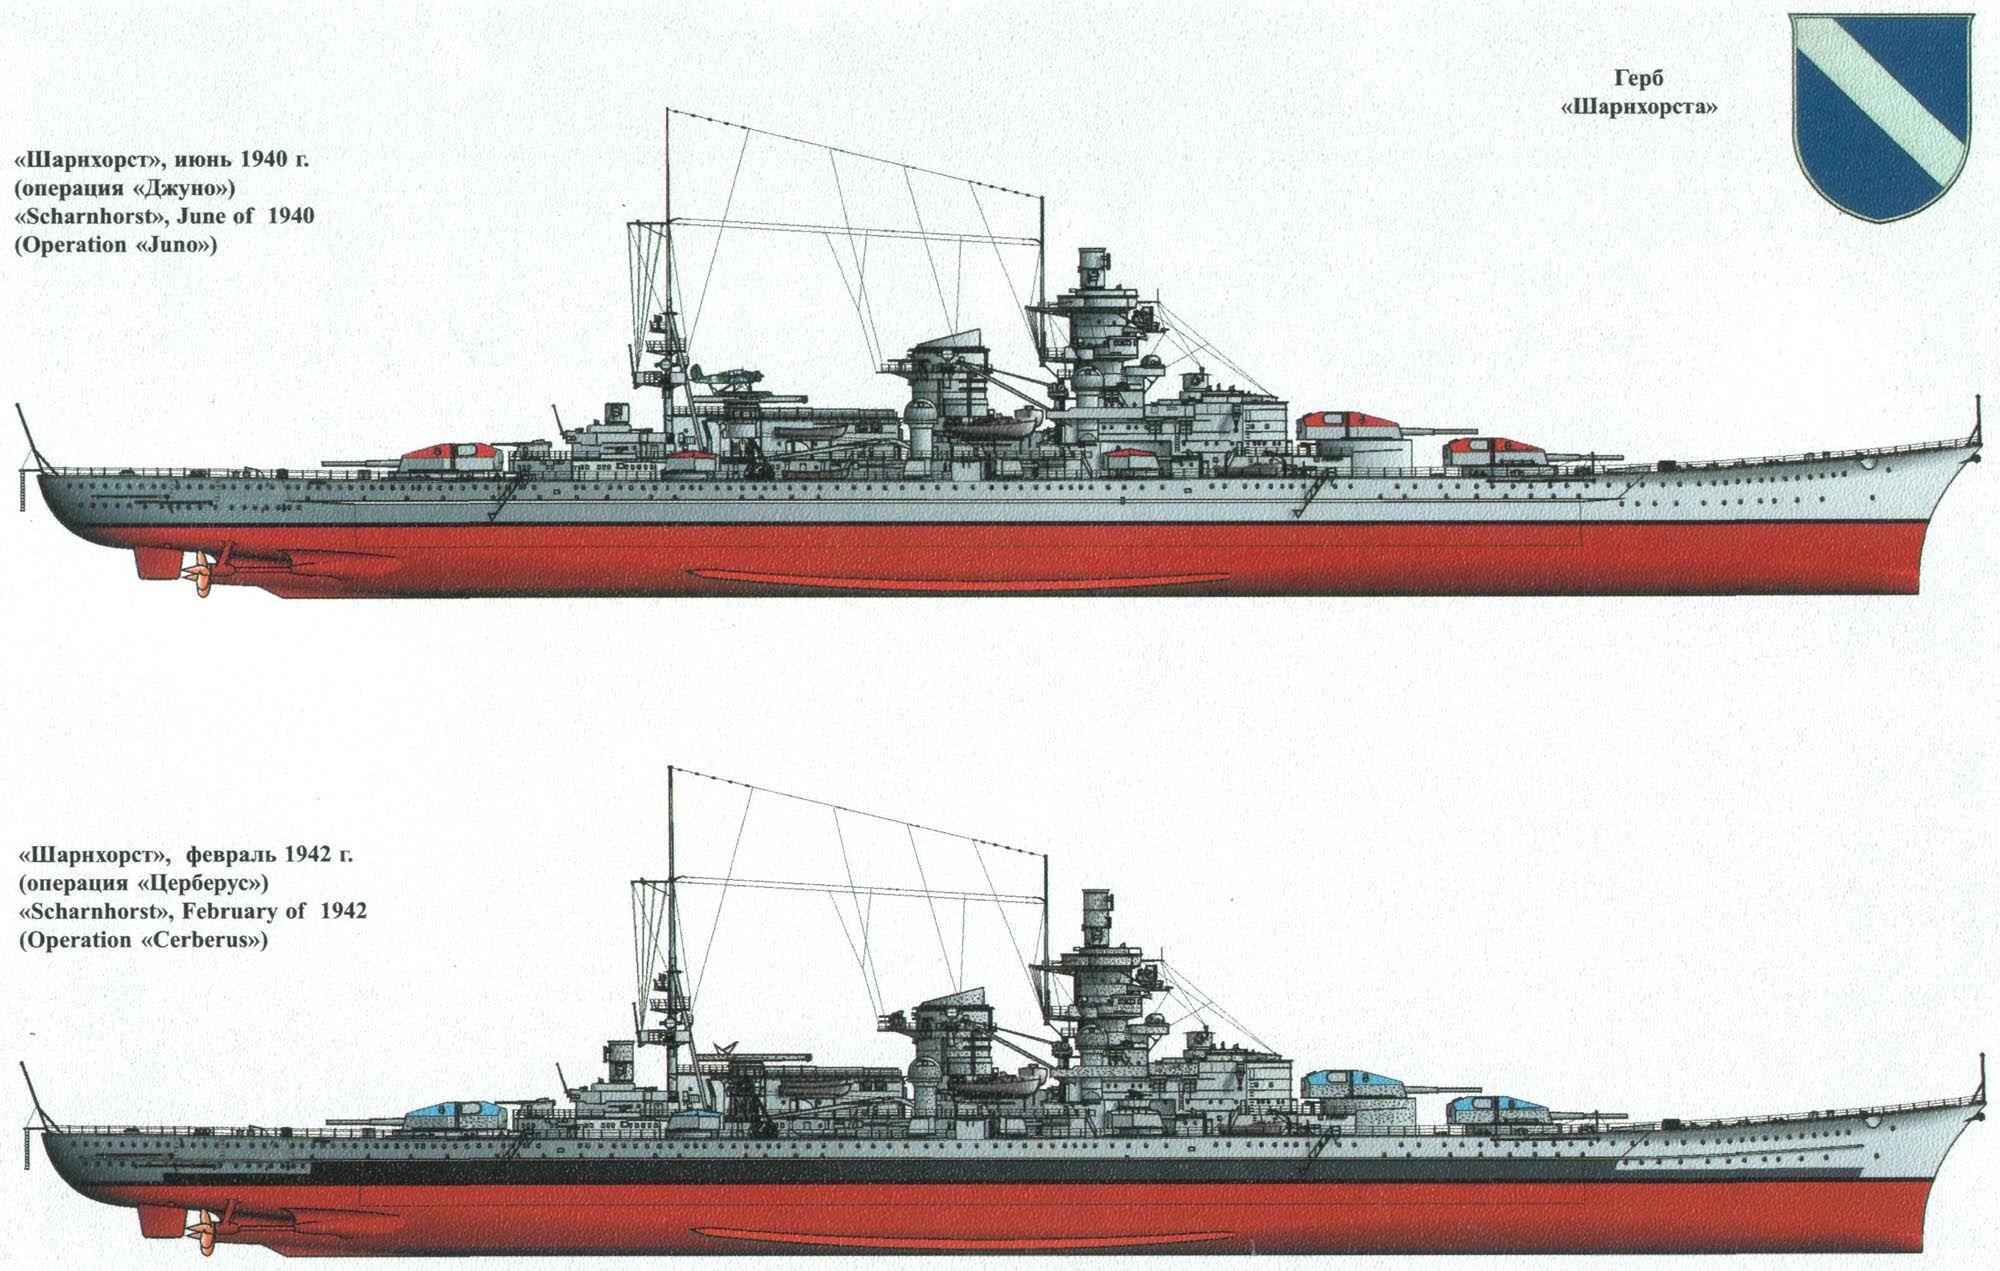 KSM Scharnhorst- Incrociatore da battaglia classe Scharnhorst - Entrata in servizio7 gennaio 1939 - Dislocamentostandard: 31.552 t a pieno carico: 38.900 Lunghezzacomplessiva: 235,4 sulla linea di galleggiamento: 229,8 m Larghezza30 m Pescaggio(a 38.100 t) 9,93 m  Velocità31,65 nodi  (58,6 km/h) Autonomia10.100 mn a 19 nodi (18.700 km a 35 km/h) Equipaggio1,968 (60 ufficiali, 1.909 marinai) - Affondata nella Battaglia di Capo Nord, 26 dicembre 1943 - solo 36 sopravvissuti.